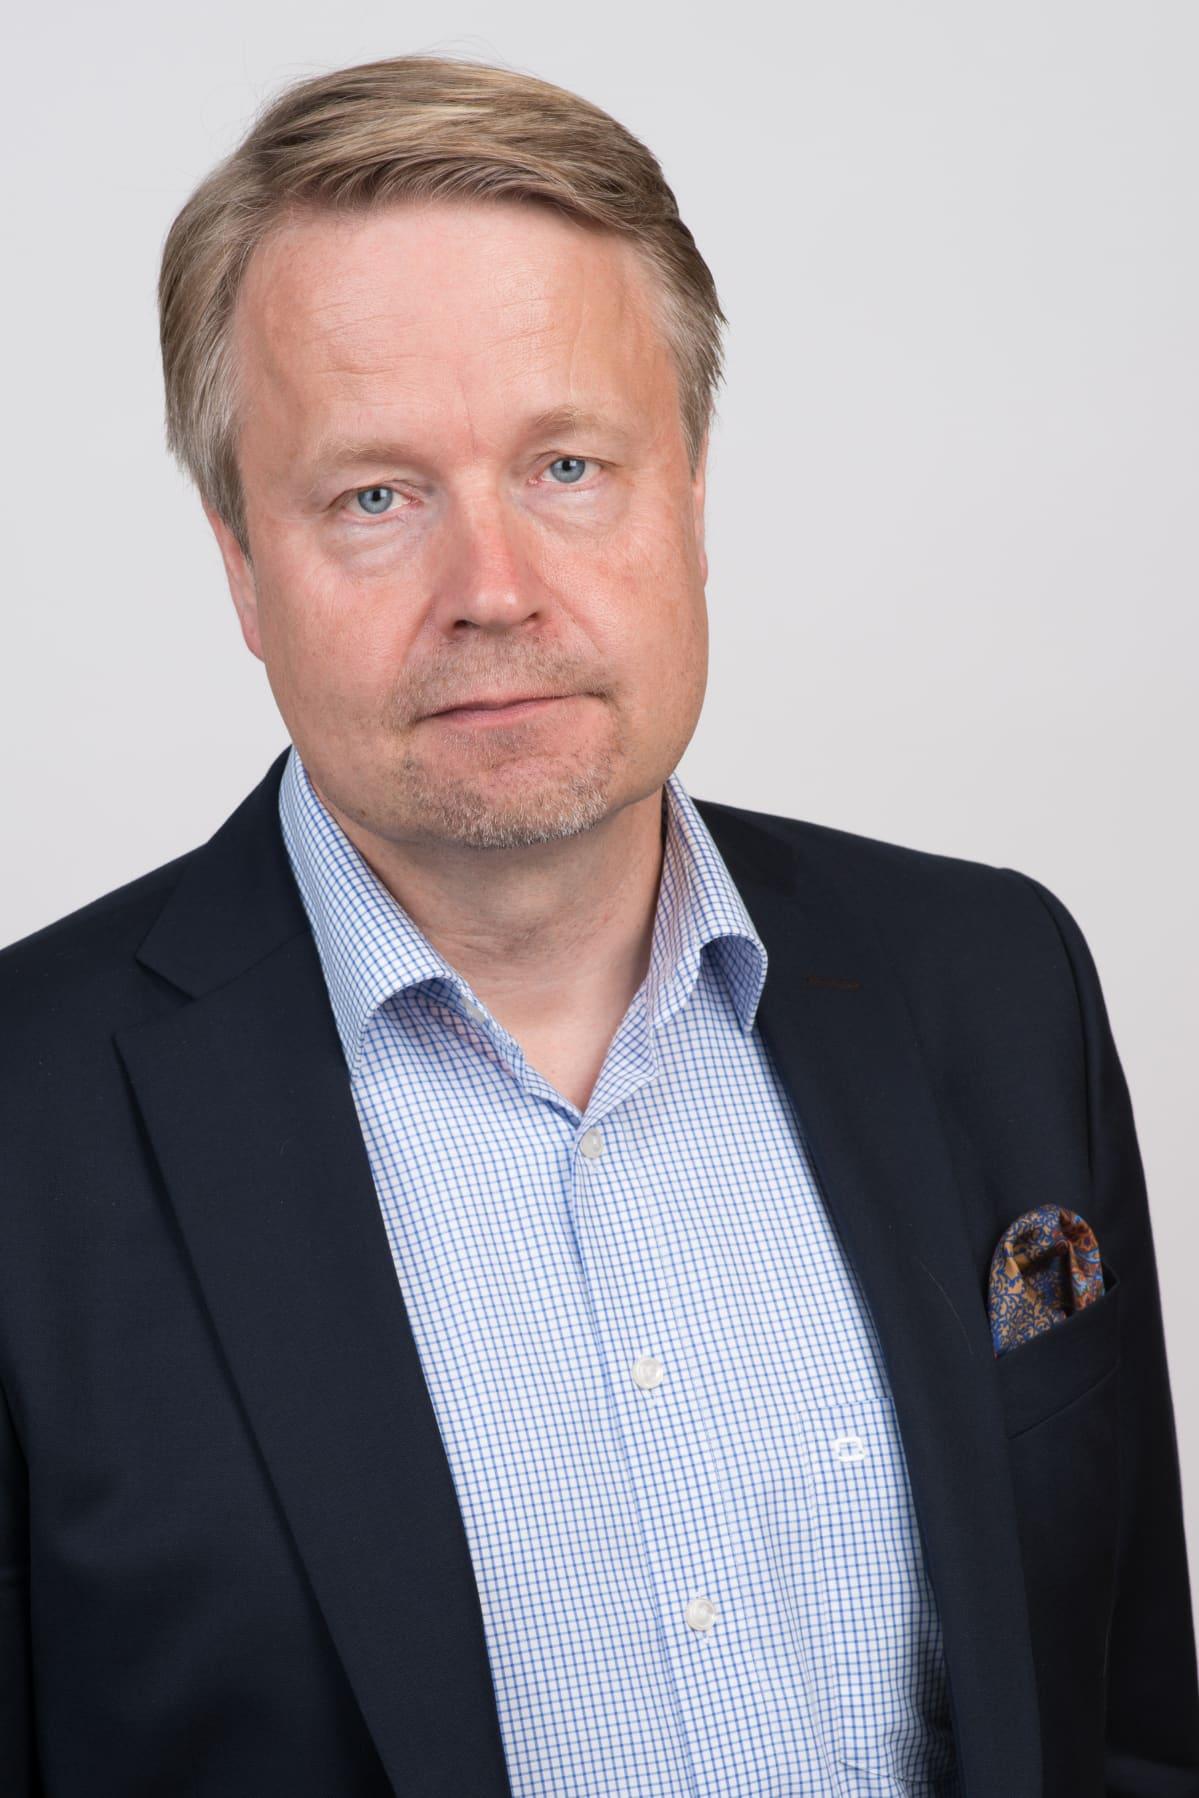 Elinkeinoelämän valtuuskunnan johtaja Matti Apunen